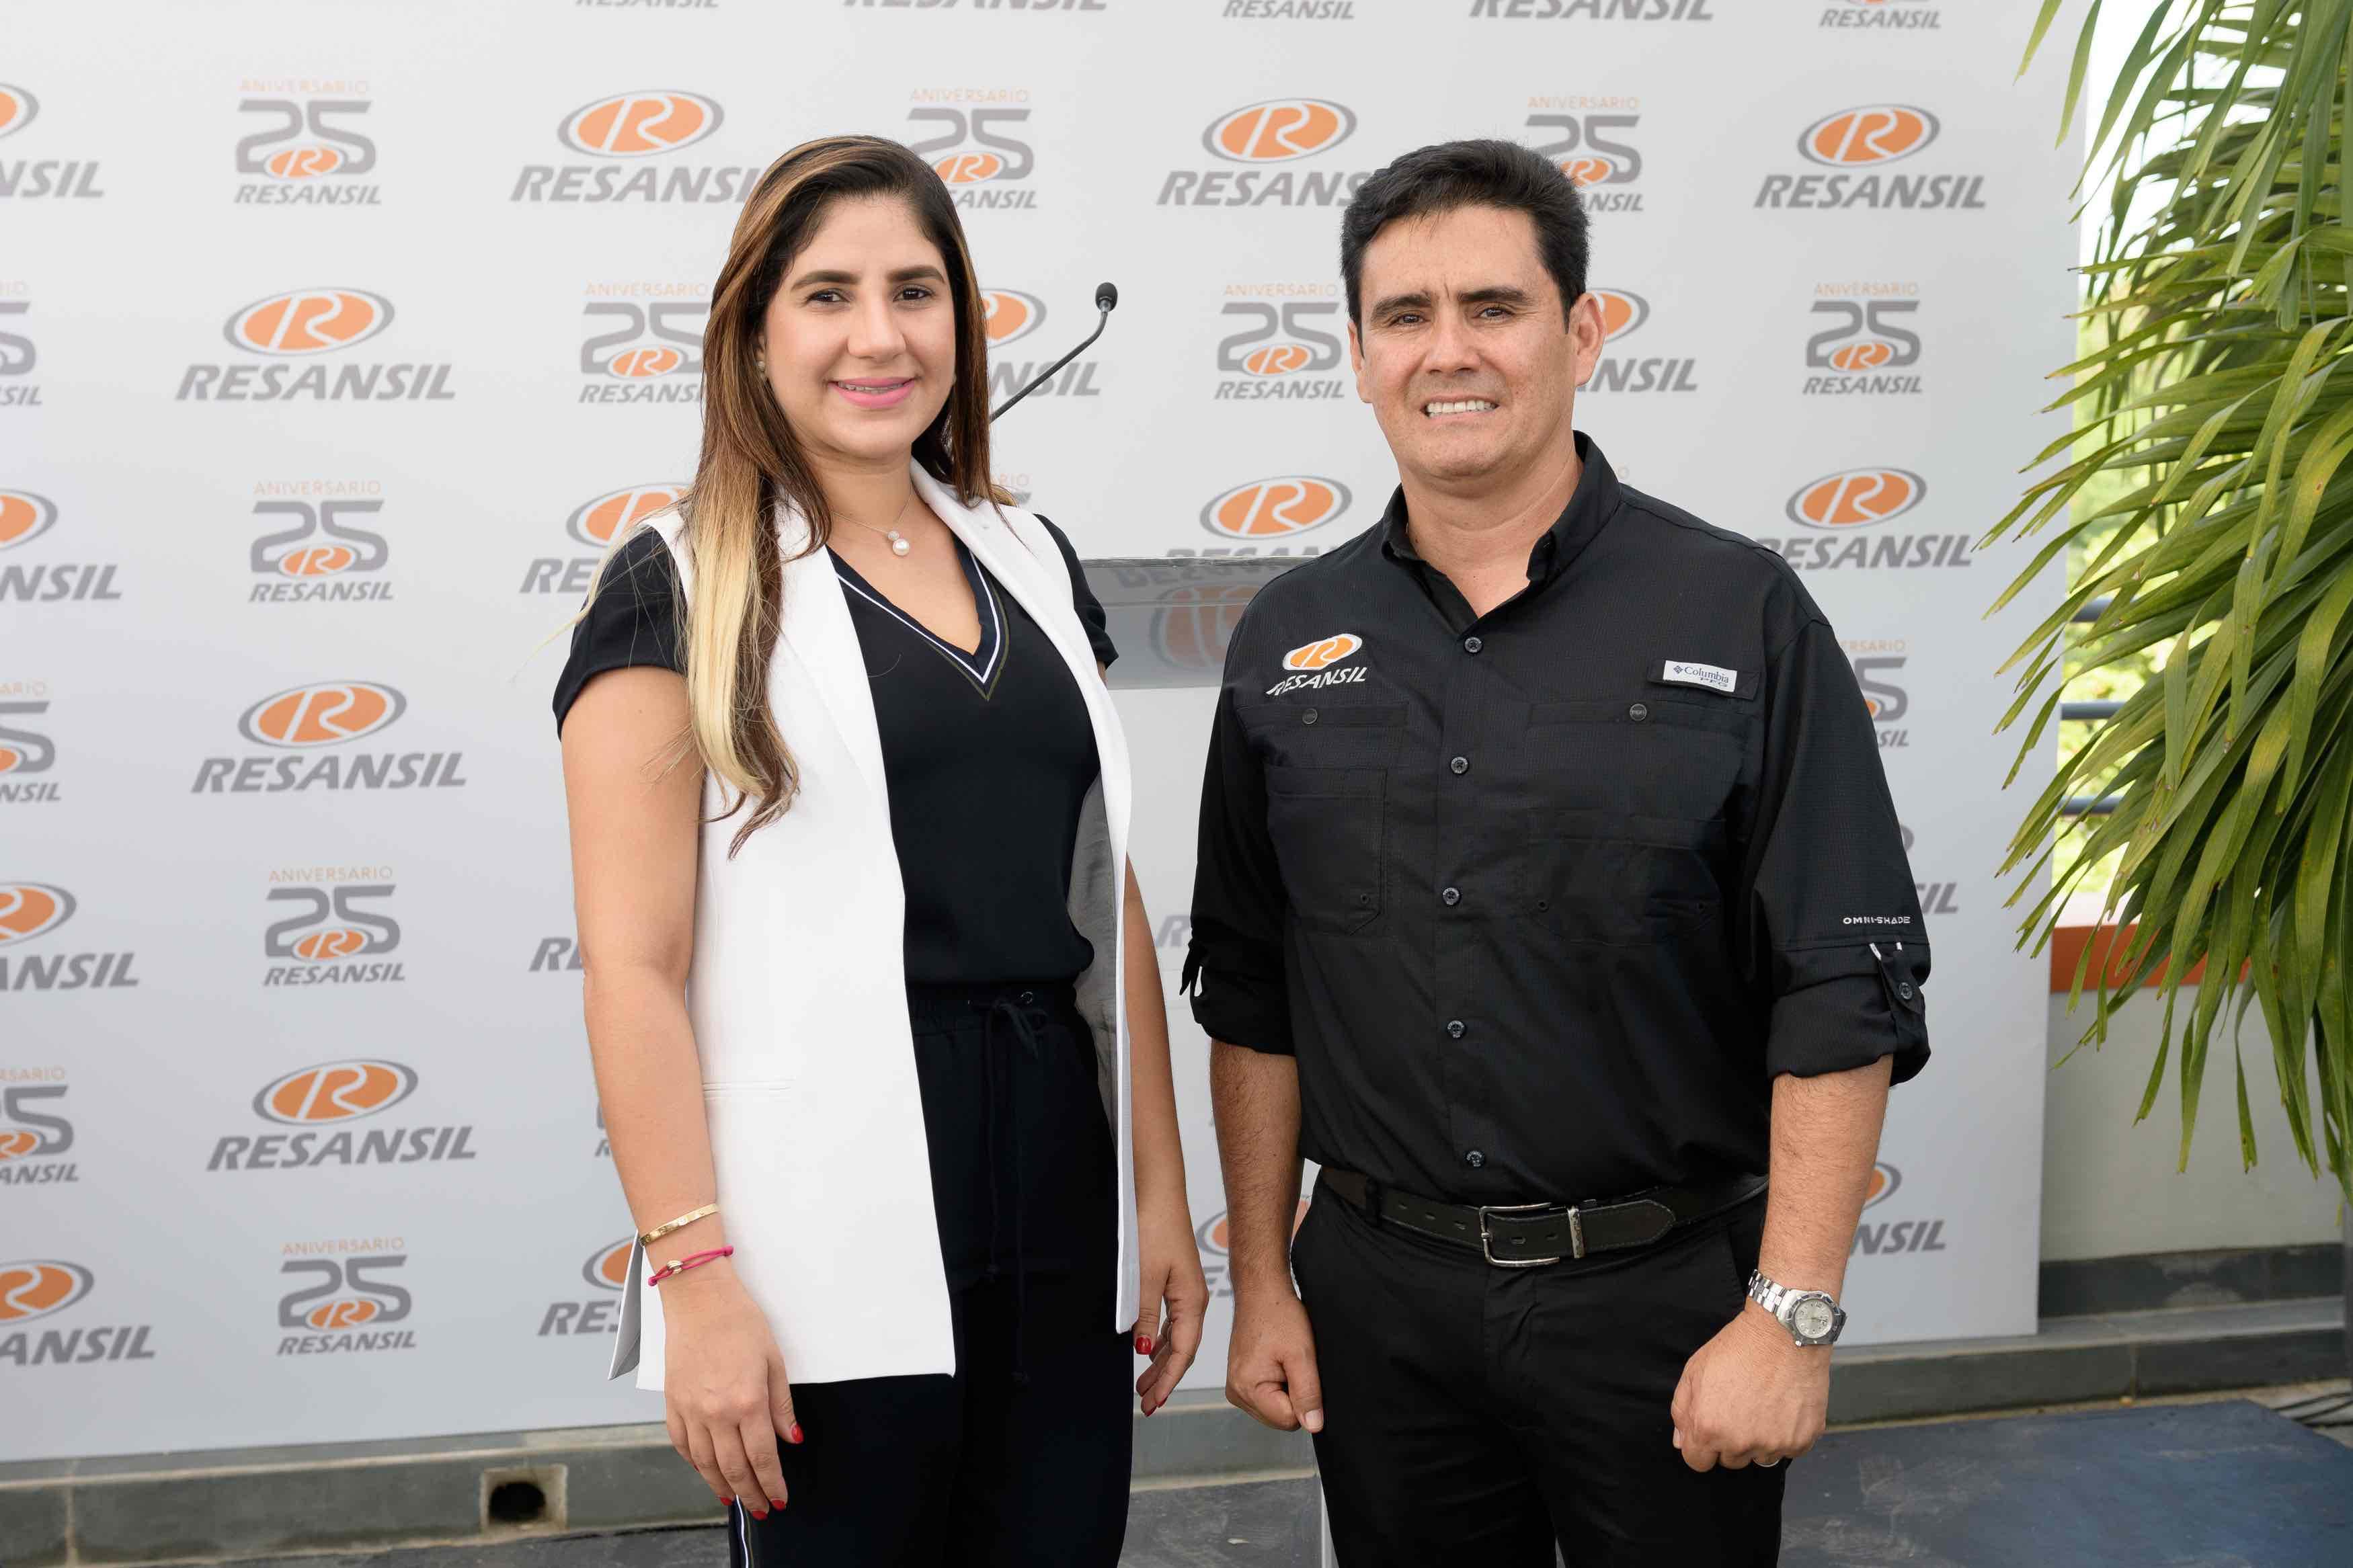 8. Joely Dominguez & Luis Velasquez